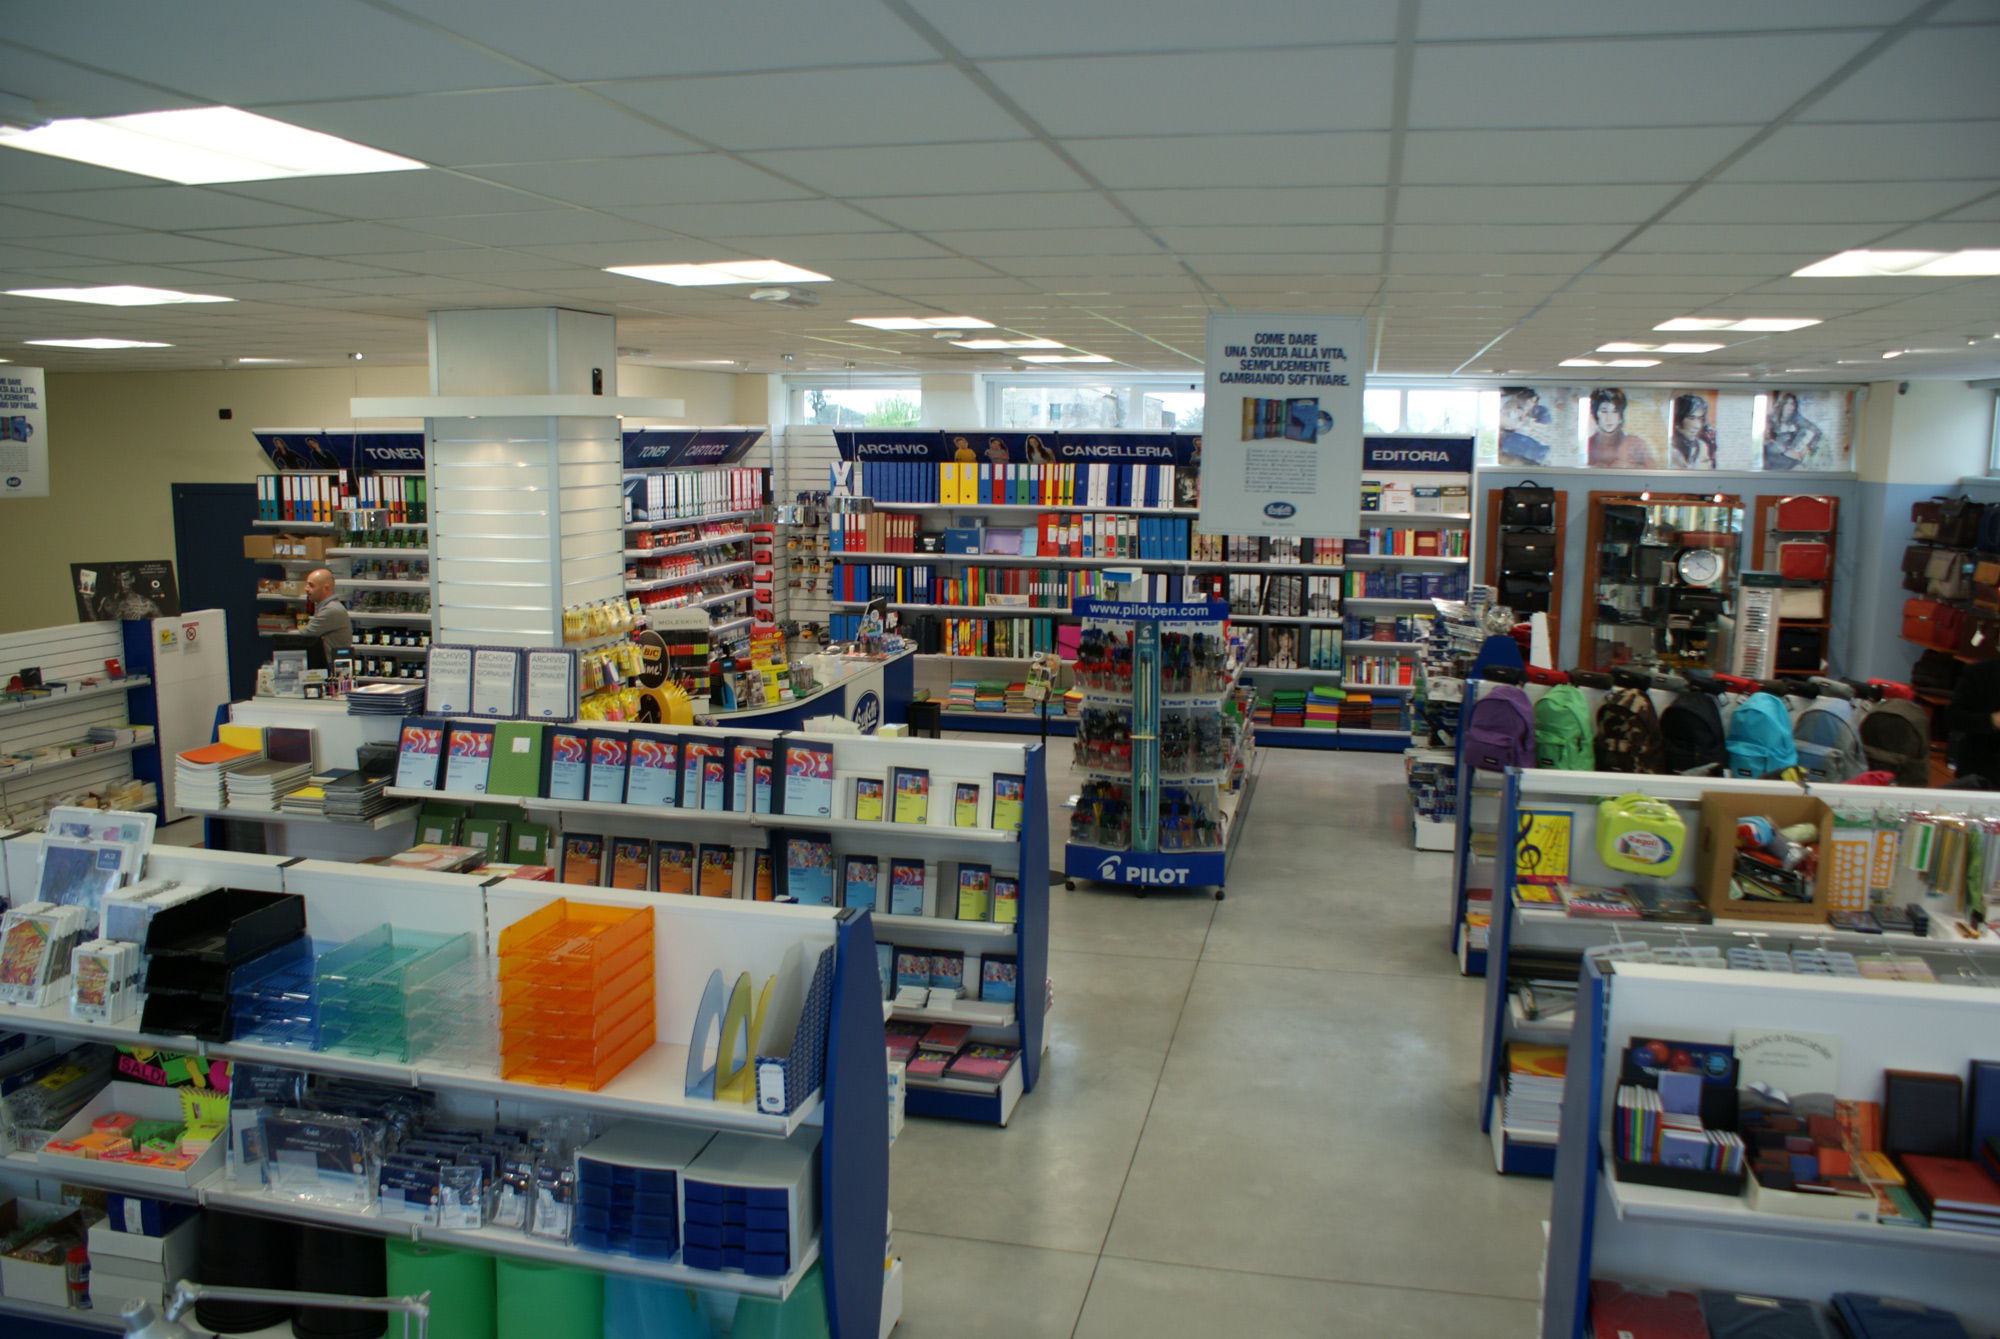 Negozi arredamento arezzo arredamento per negozi di for Arredamento toscana